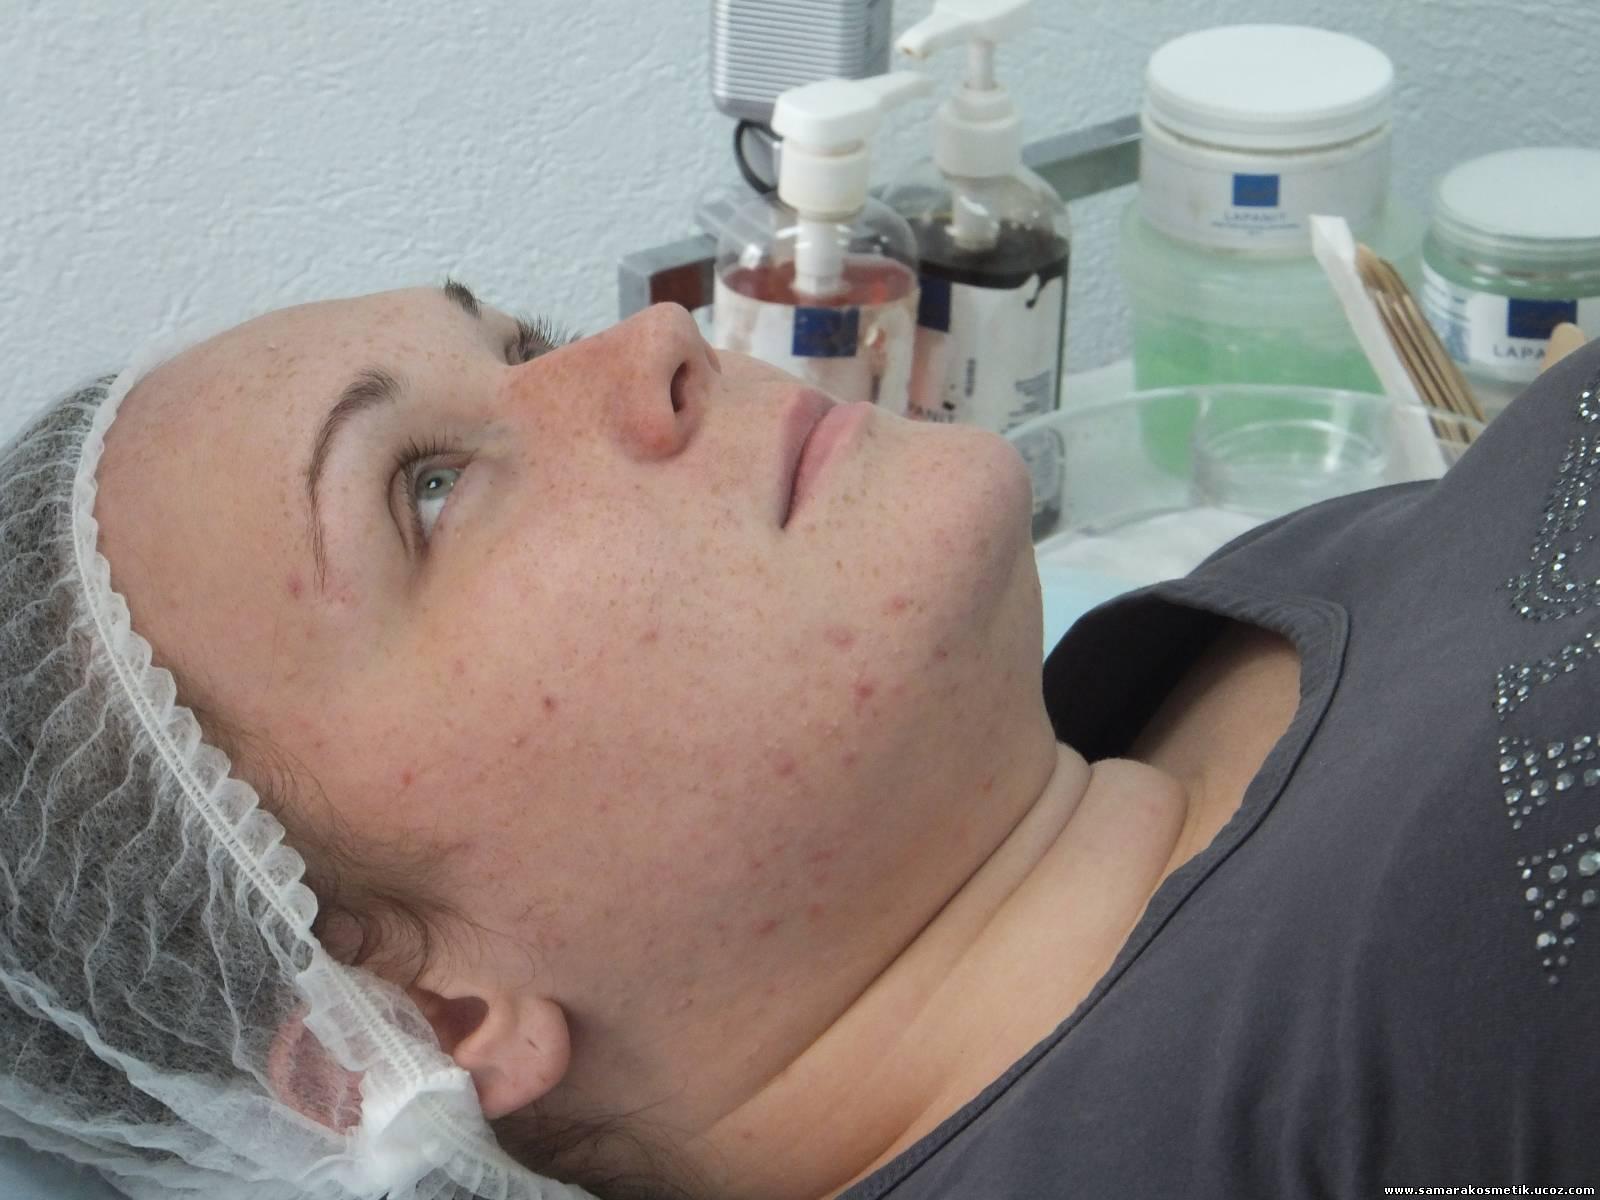 Осмотр дерматологом